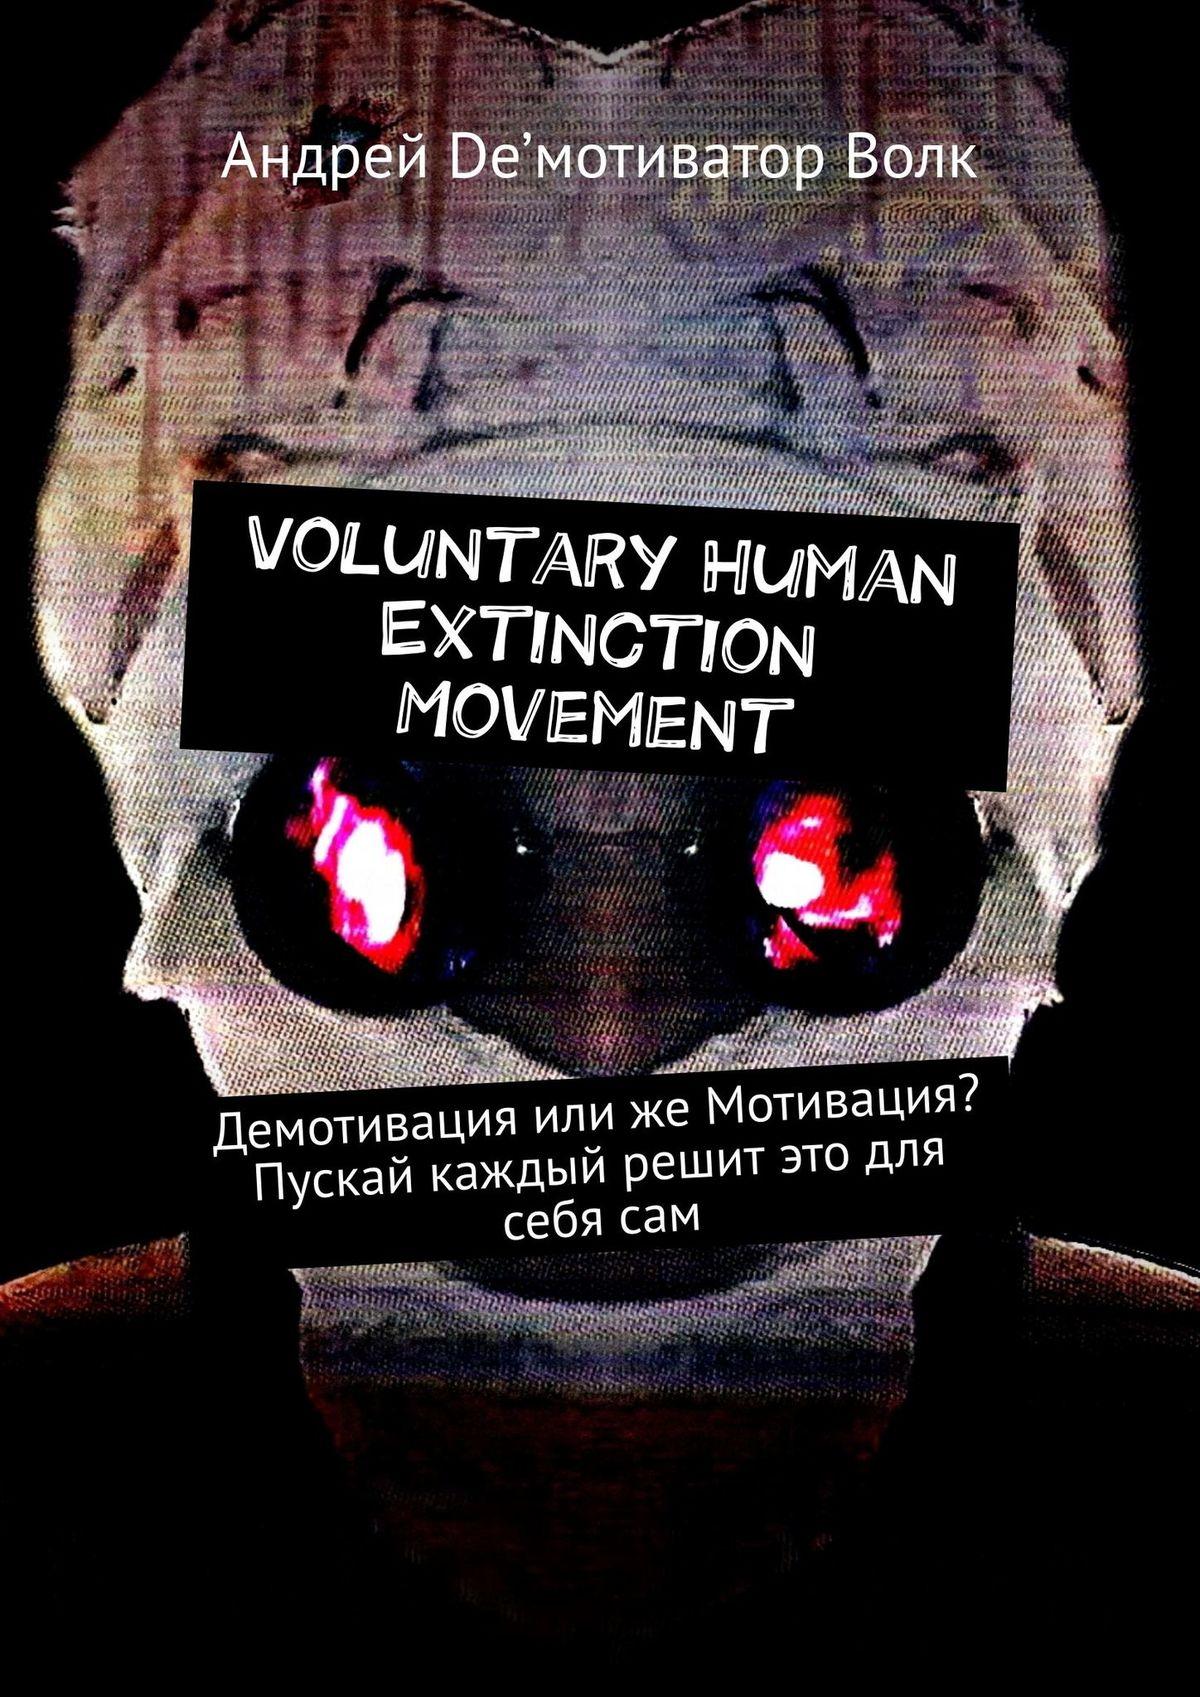 De`мотиватор Voluntary Human Extinction Movement. Демотивация илиже Мотивация? Пускай каждый решит это для себясам марина фешкина демотивация встихах